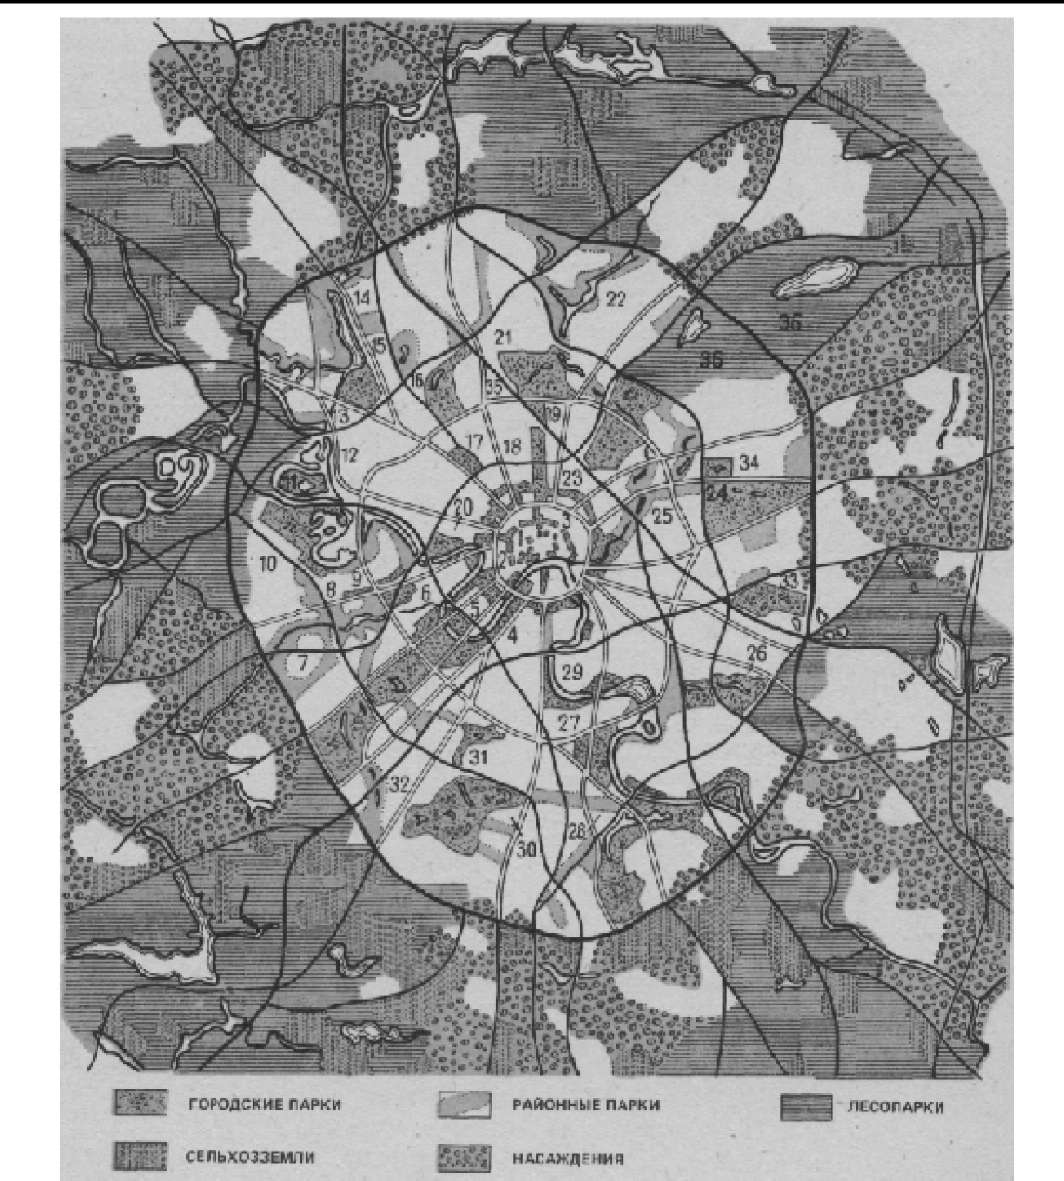 Схема зеленых насаждений Москвы